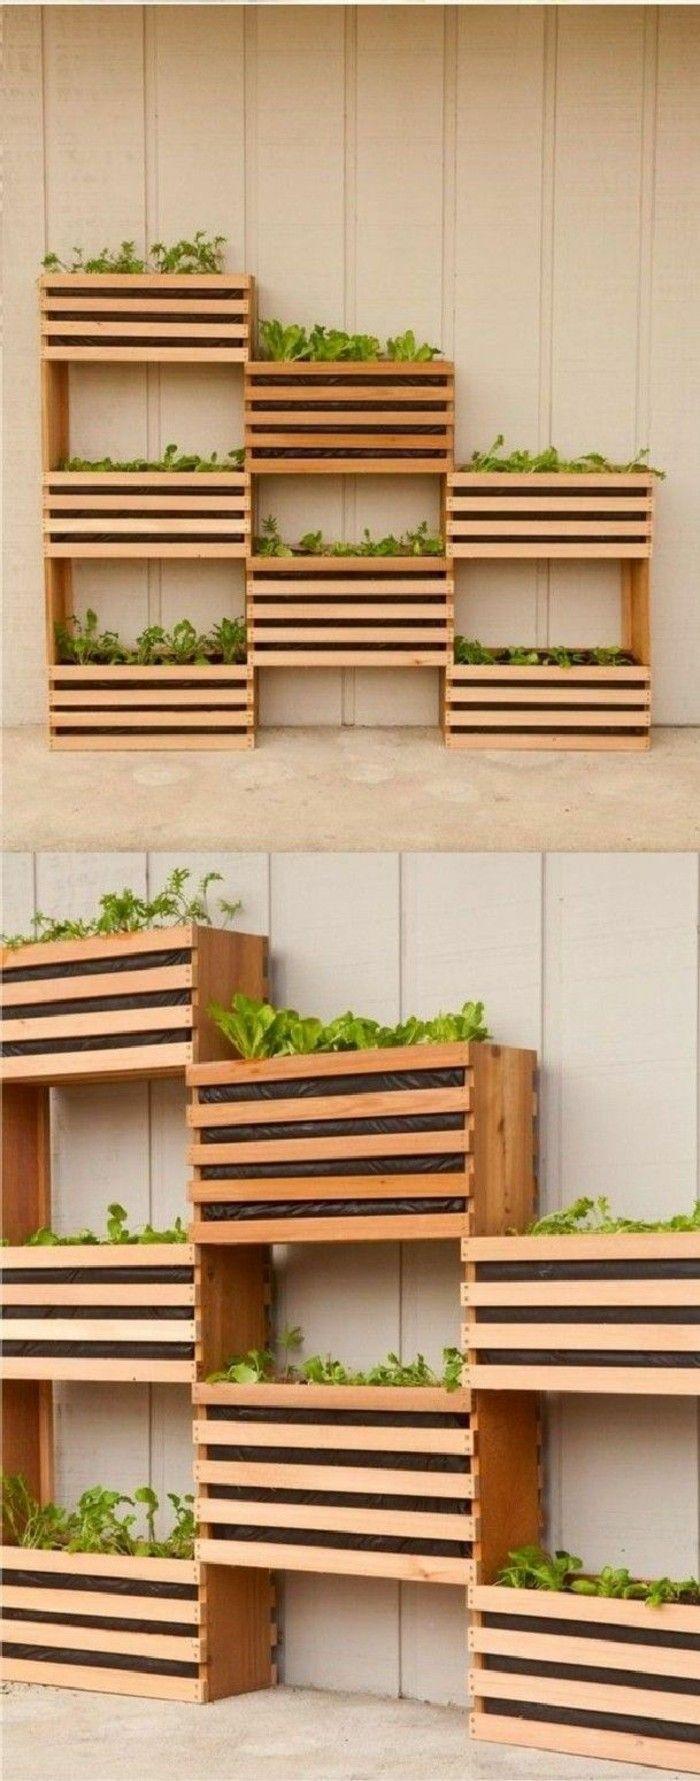 Garten, Terrasse, Balkon- Ideen zum Selbermachen und Verschönern #terracedesign